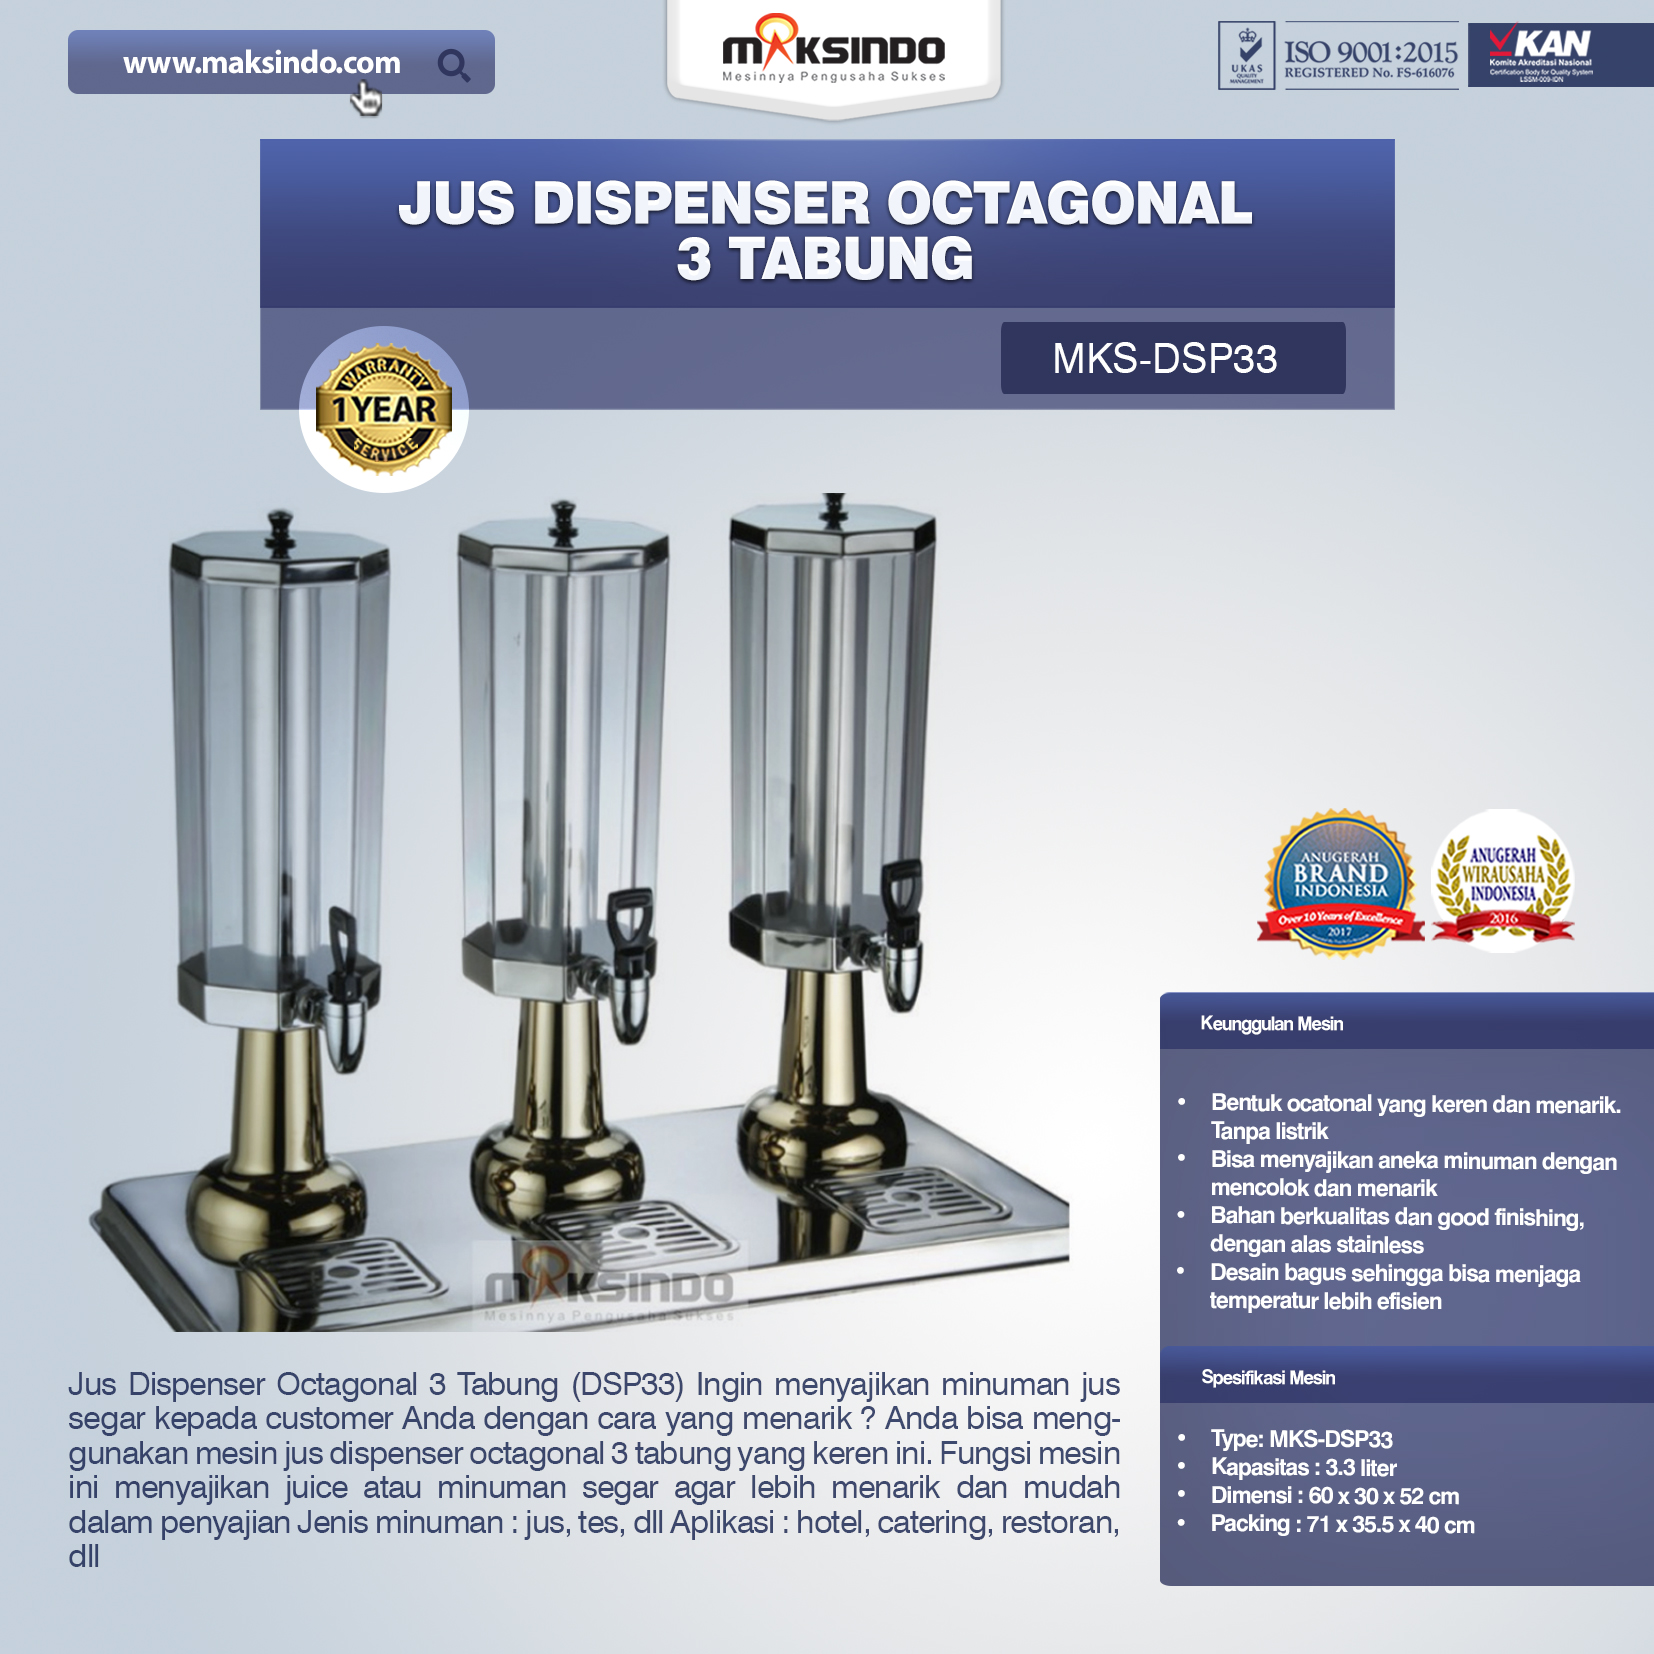 Jual Jus Dispenser Octagonal 3 Tabung (DSP33) di Bali